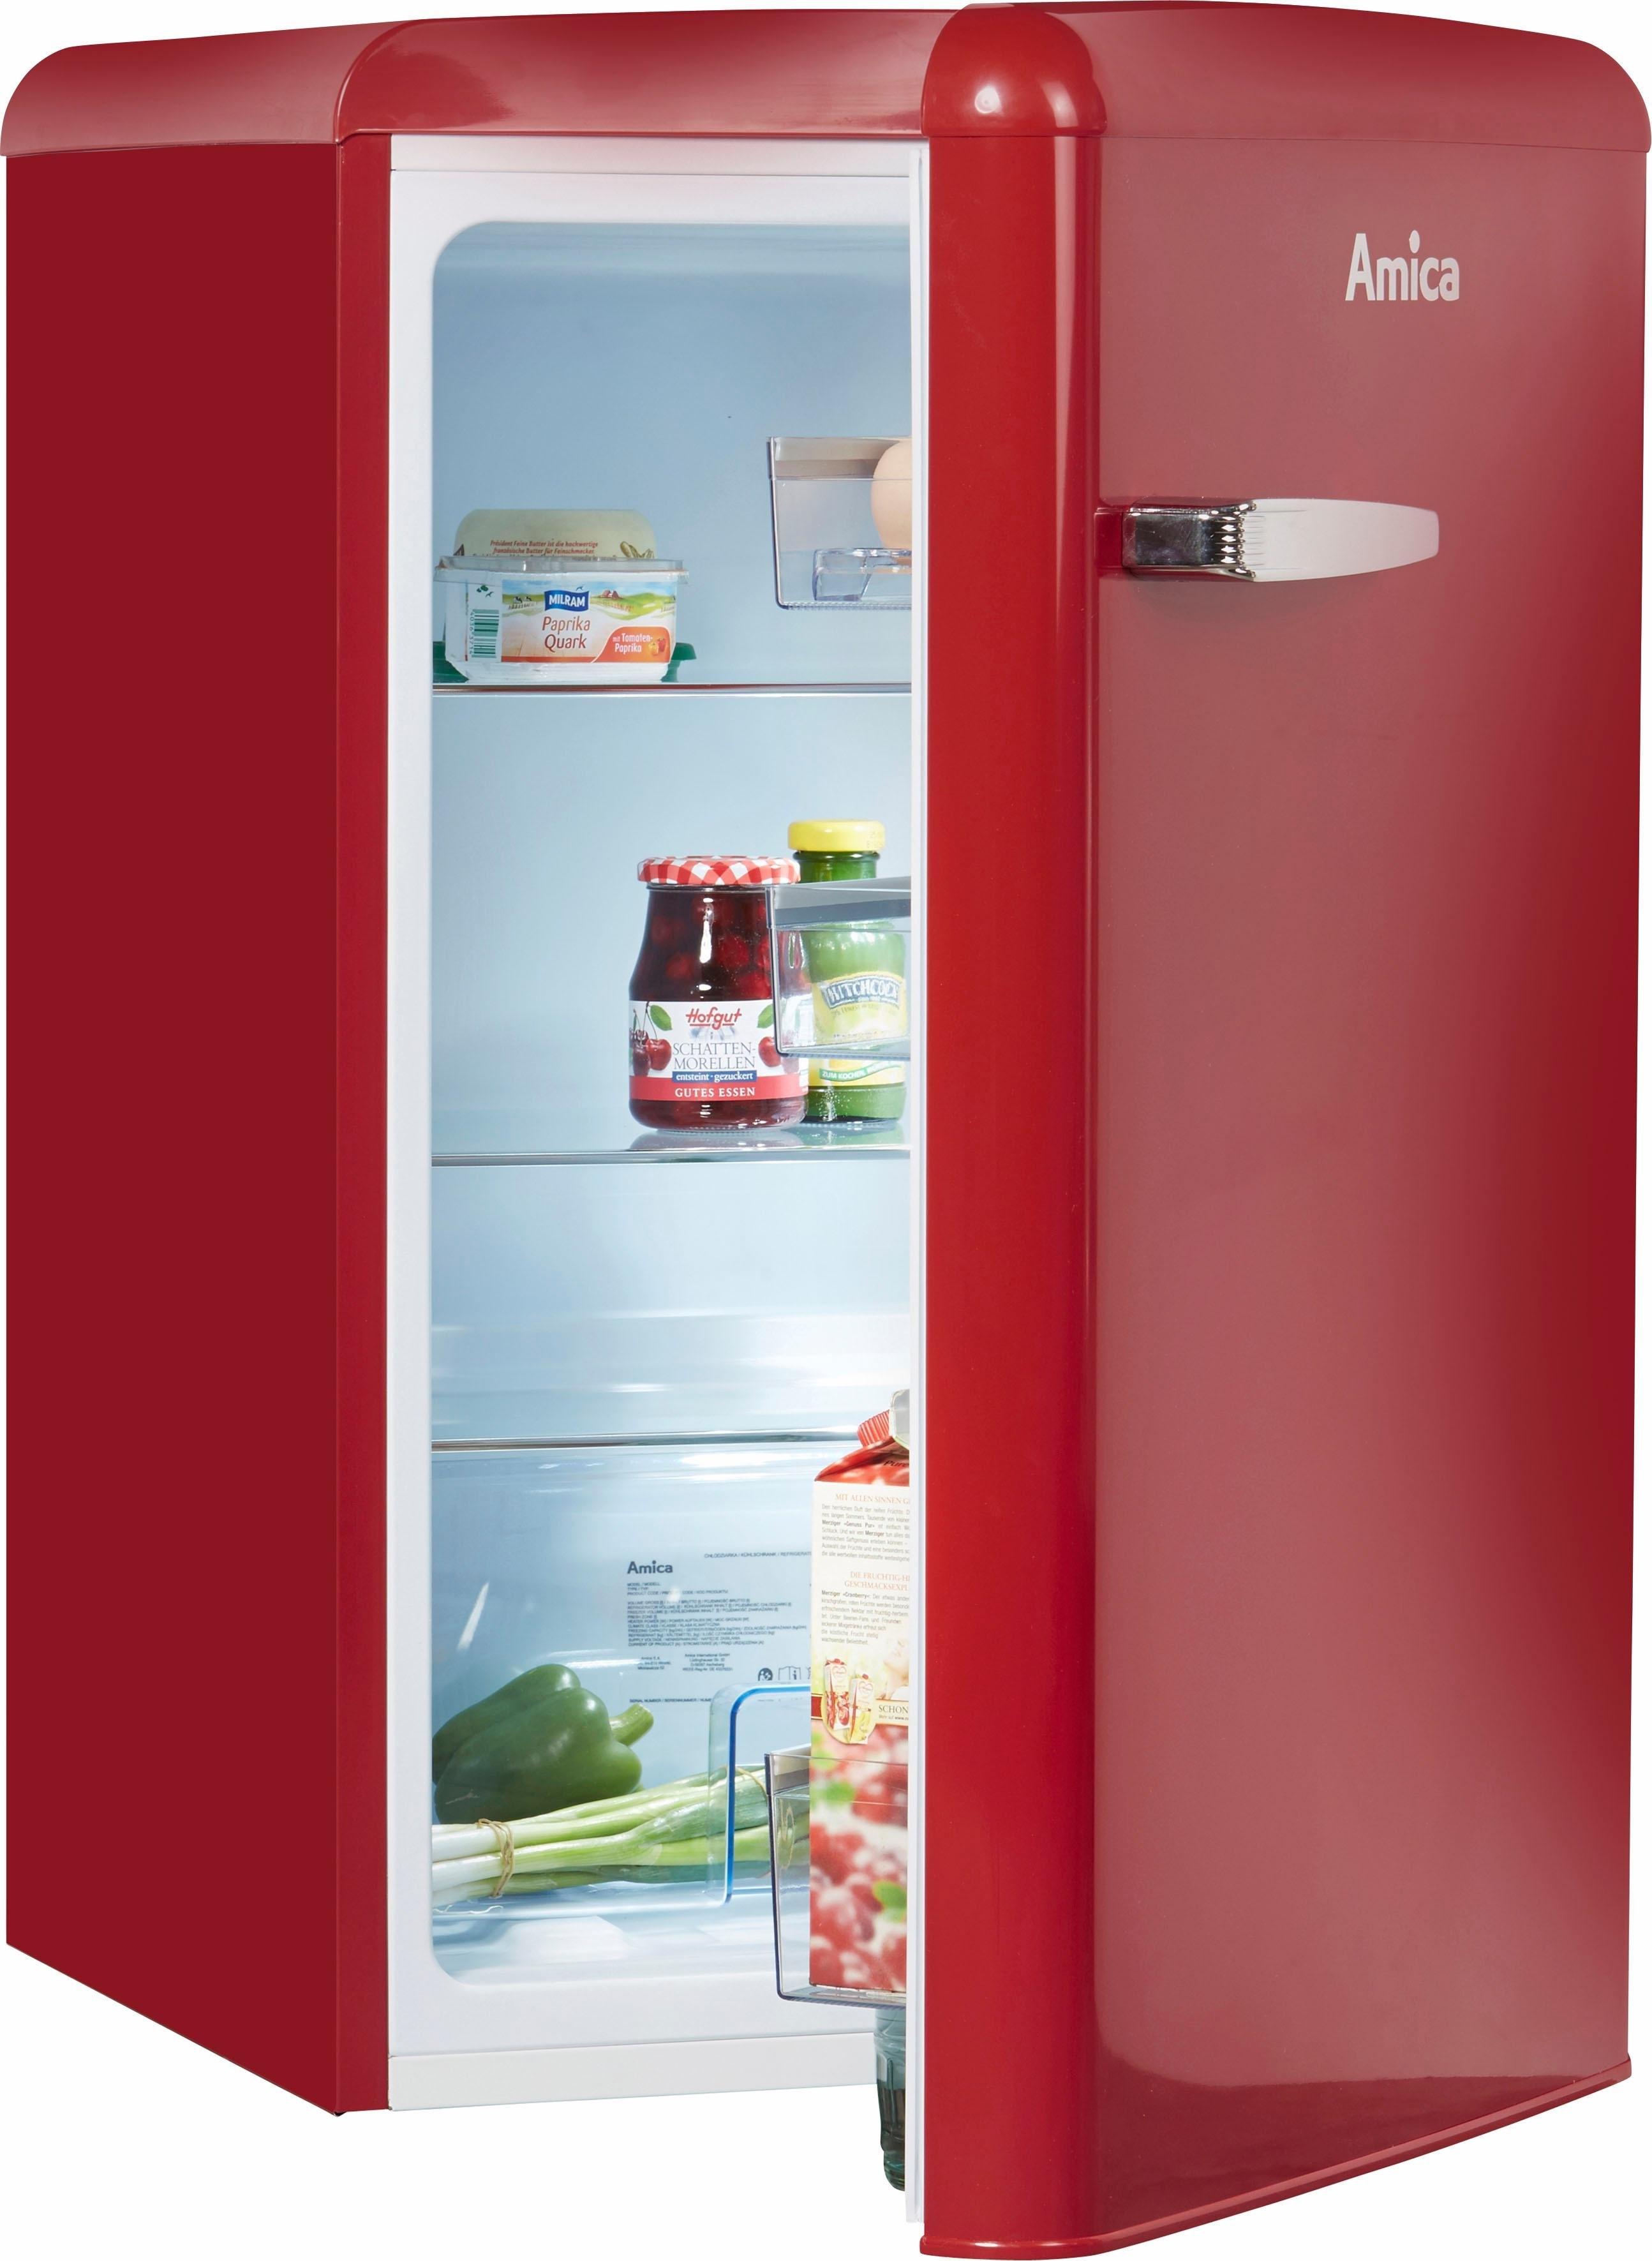 Amica koelkast VKS 15624 S, A++, 86 cm hoog bestellen: 14 dagen bedenktijd